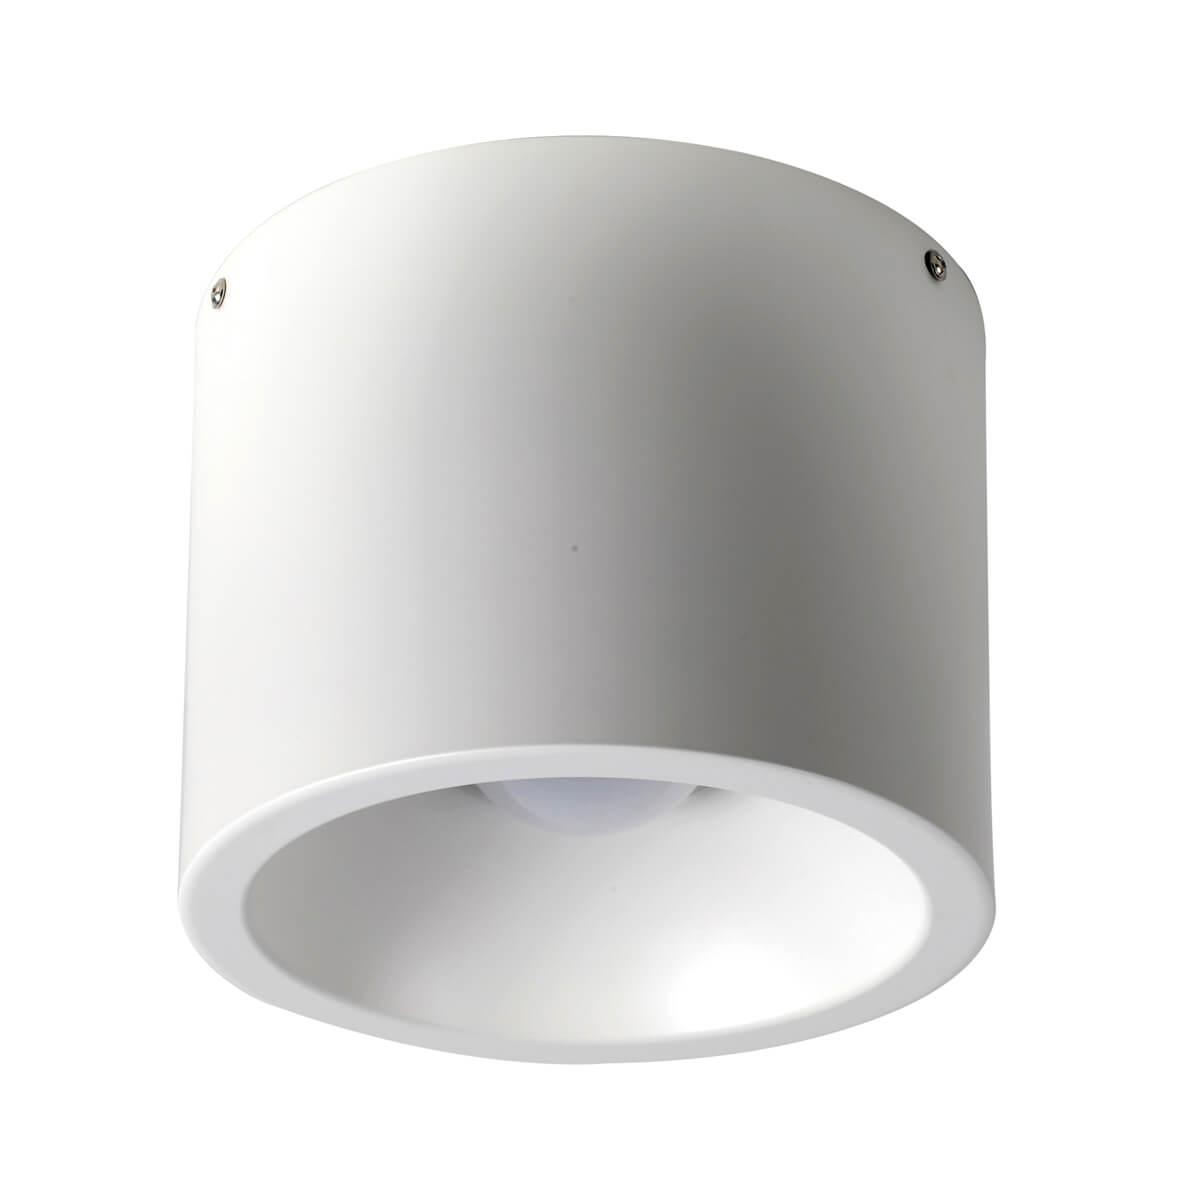 Потолочный светодиодный светильник Favourite Reflector 1993-1C потолочный светодиодный светильник favourite reflector 1778 1c